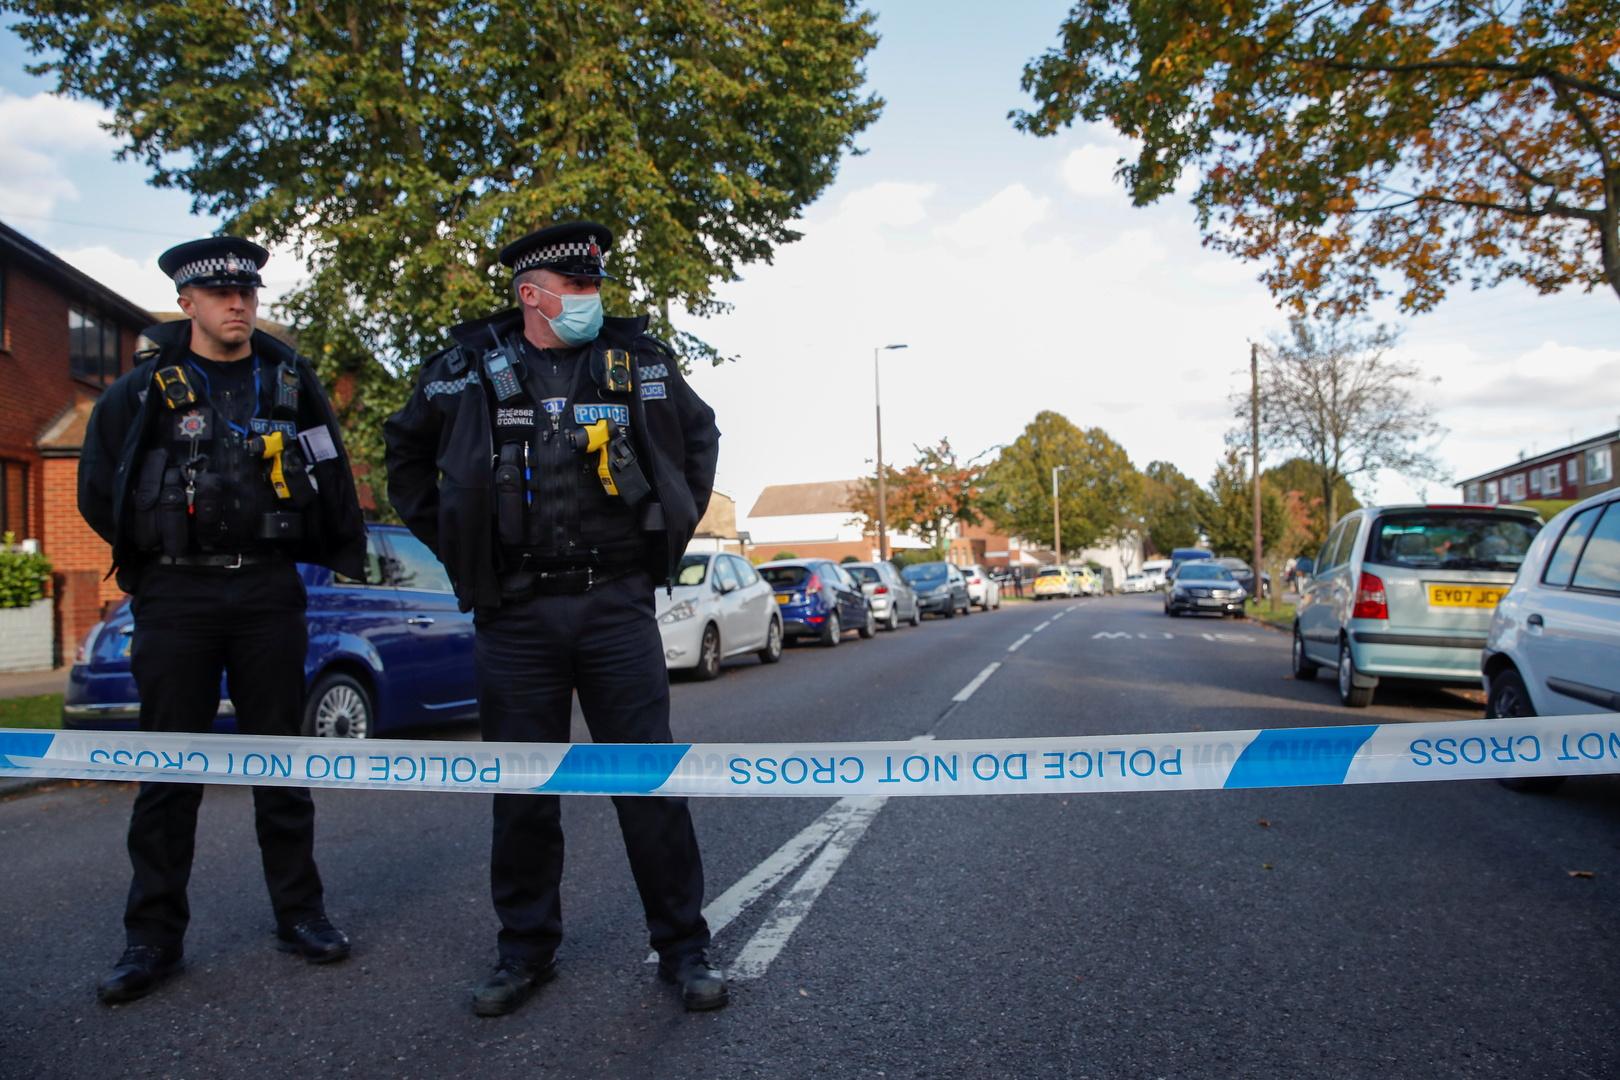 عناصر بالشرطة البريطانية قرب موقع اغتيال النائب في البرلمان، دافيد أميس.